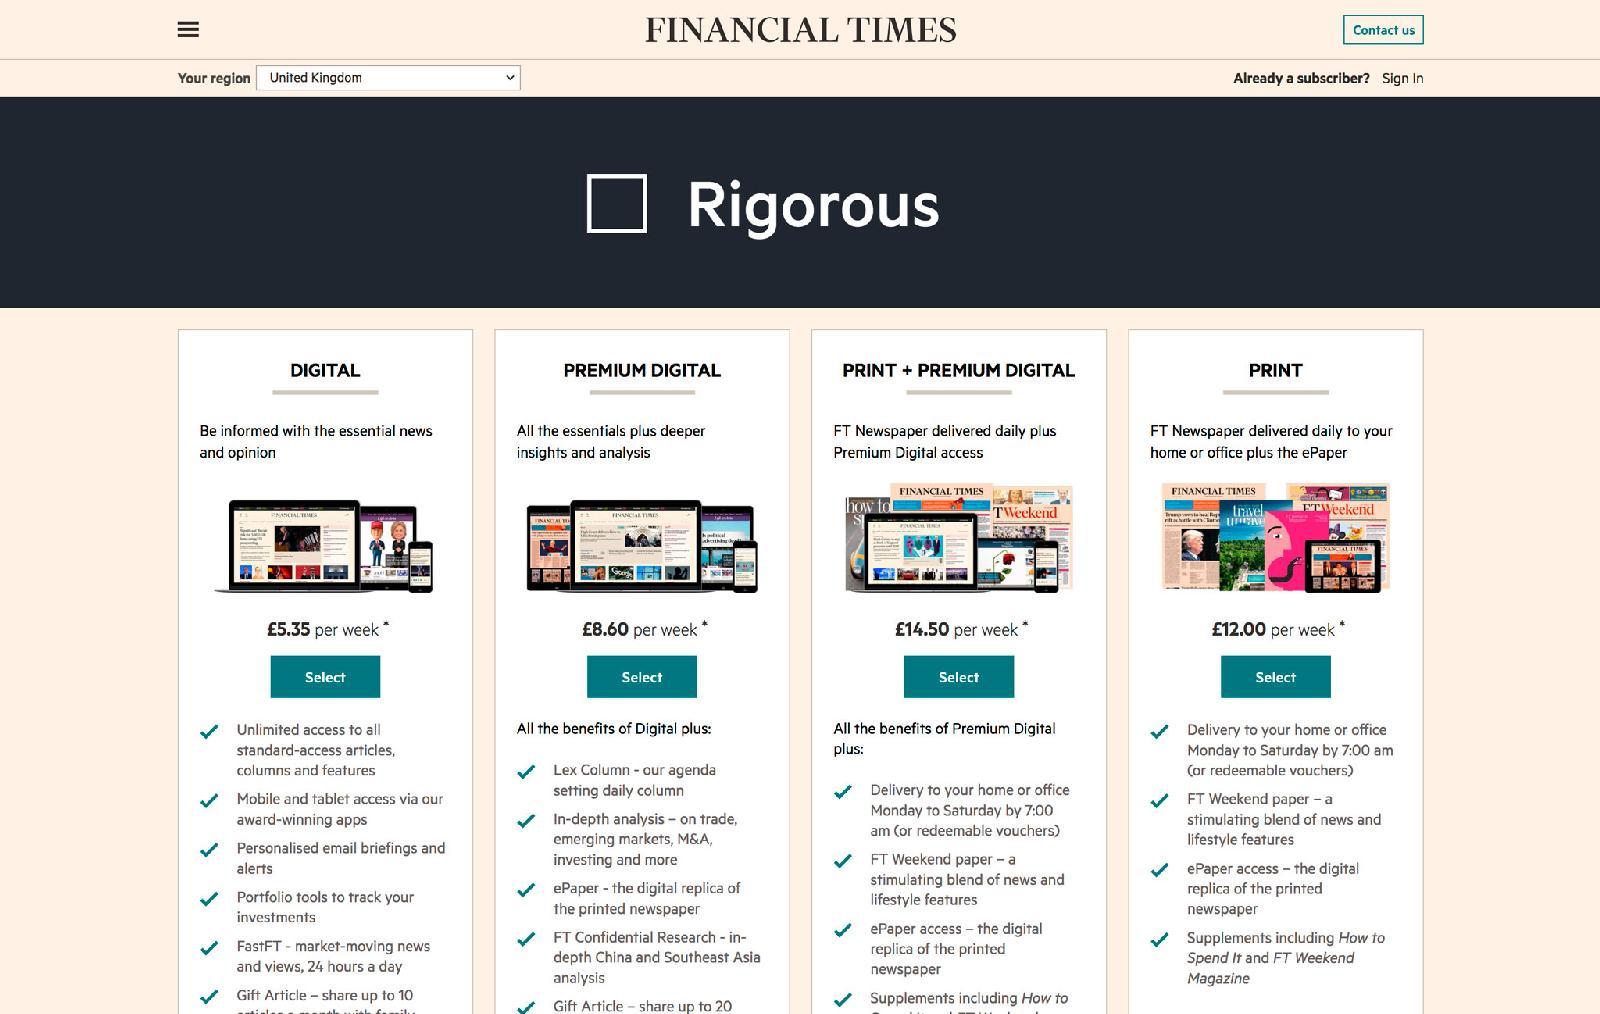 ВВеликобритании цена годовой подписки напечатную версию The Financial Times составляет £624, стоимость подписки накомбинацию бумаги ицифры — £754 вгод